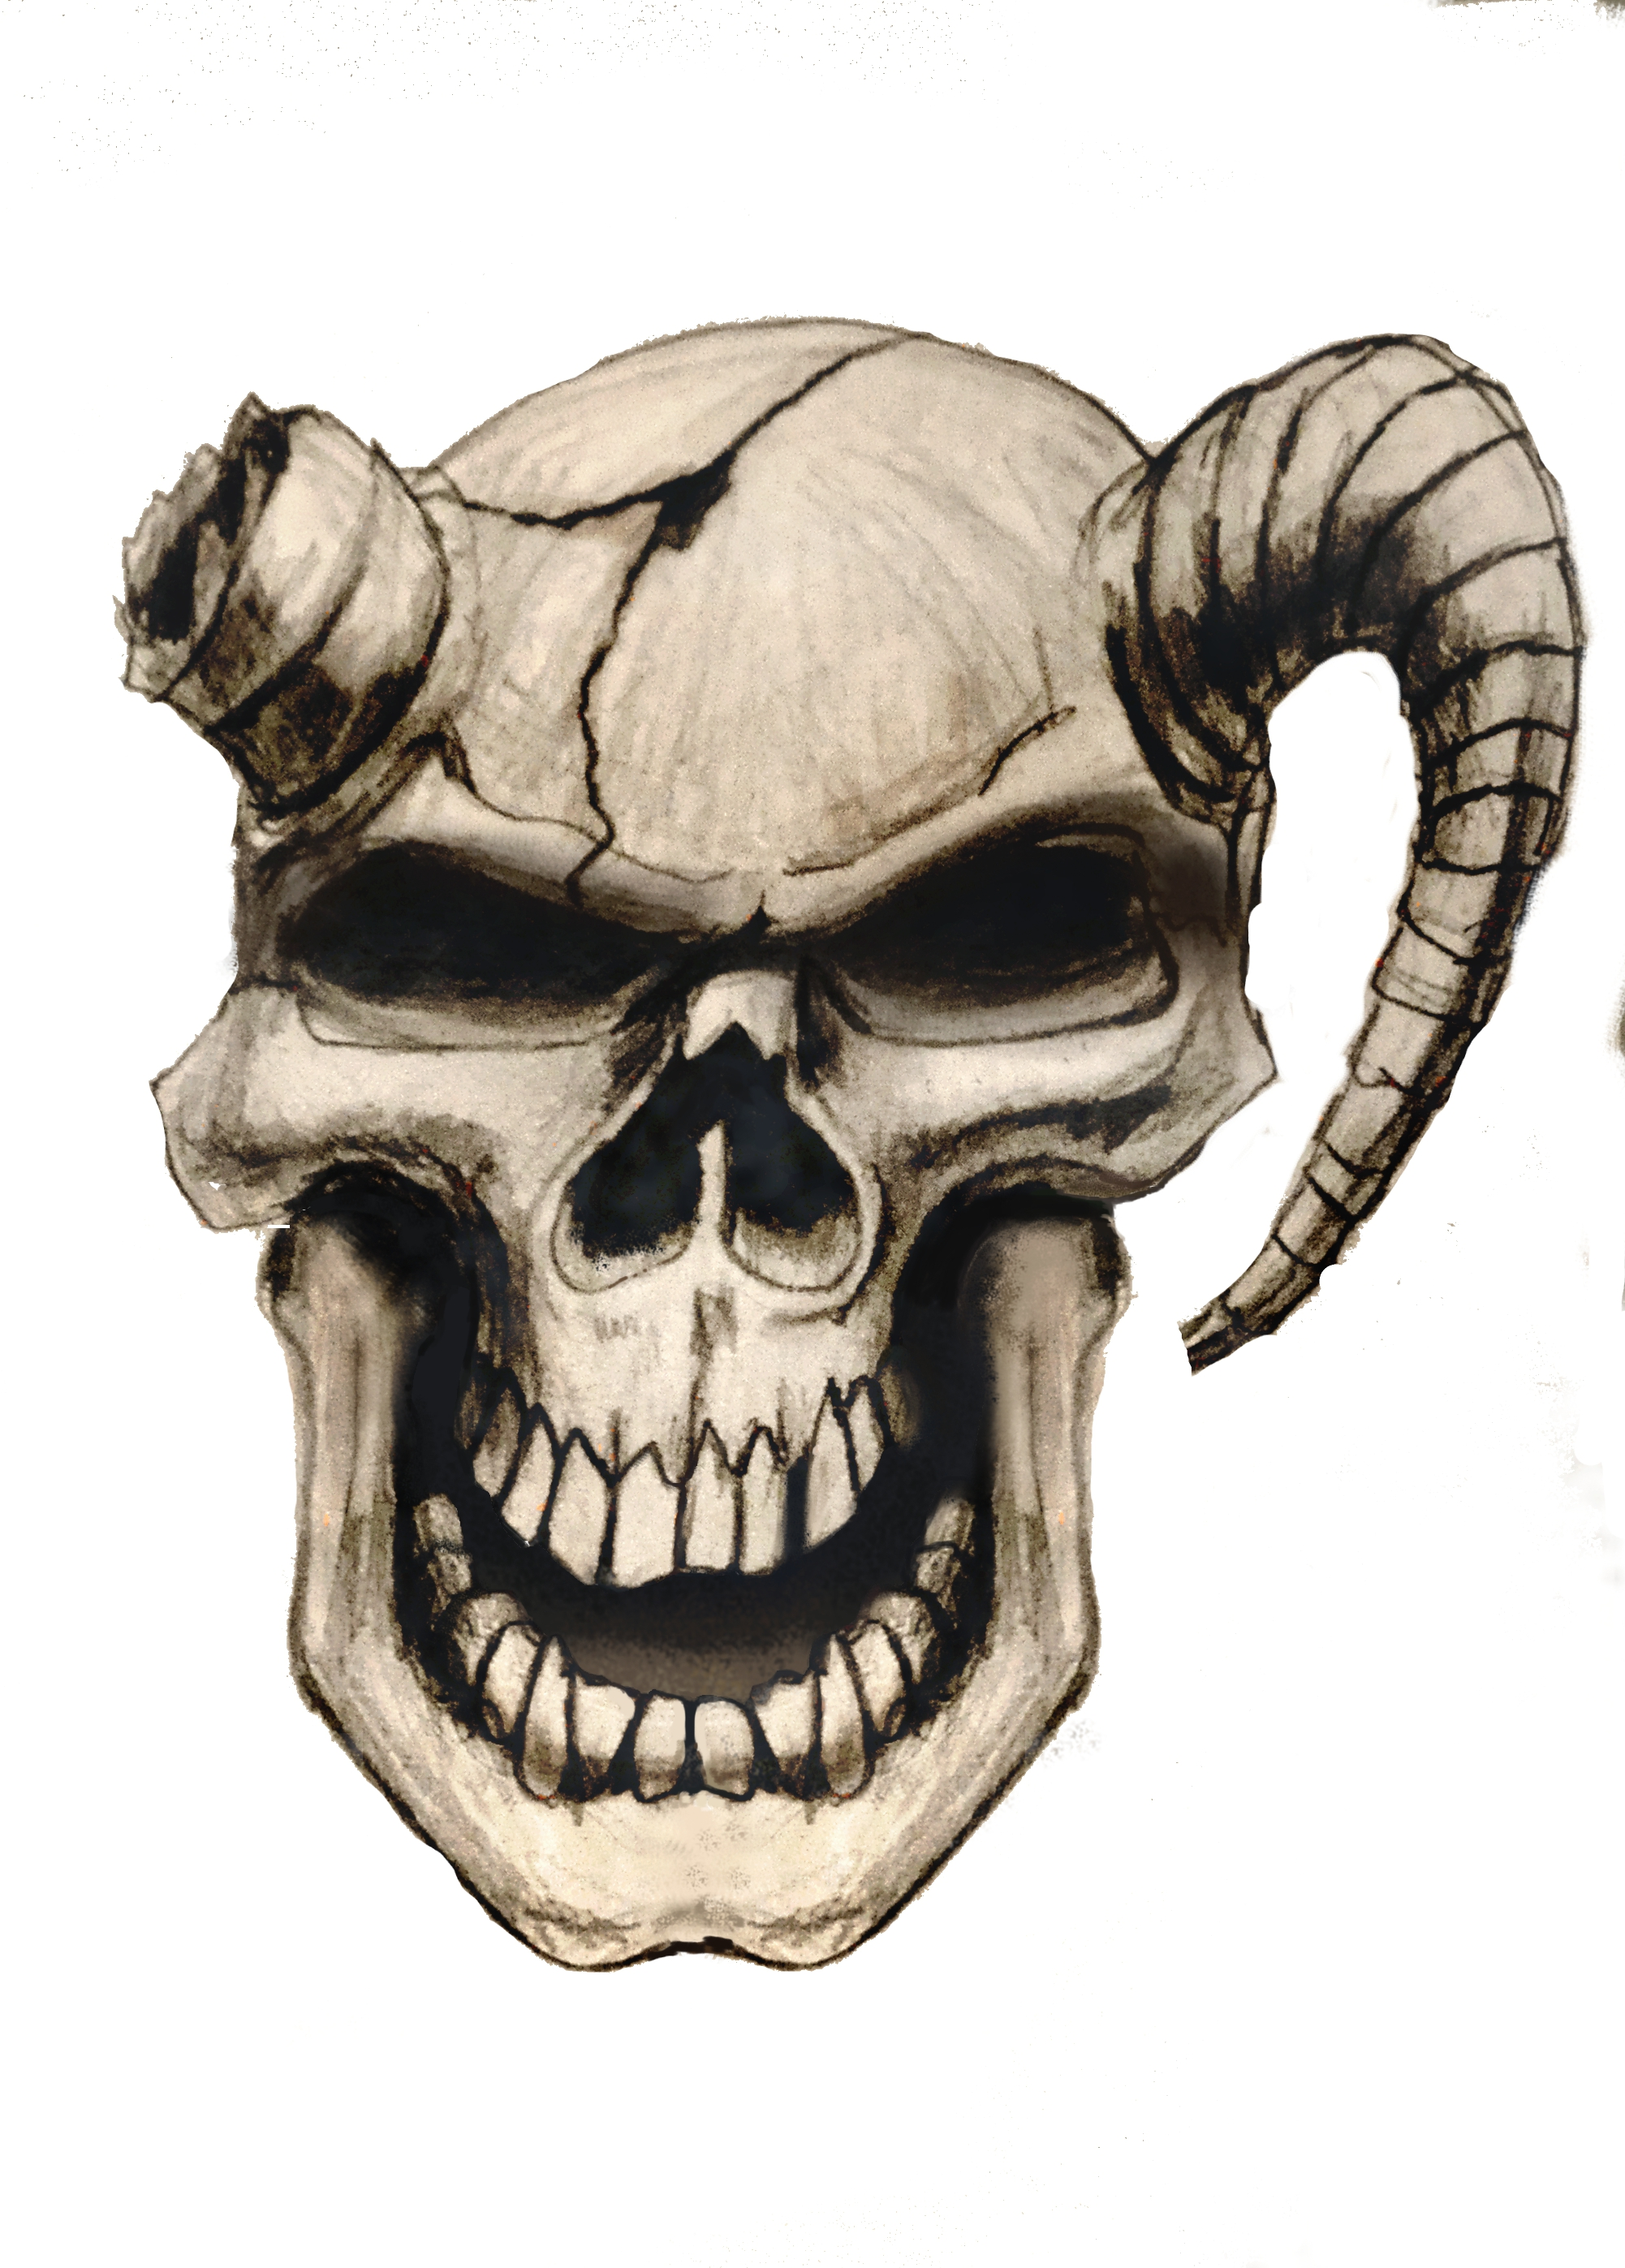 Skull Airbrush von Daniel Schubert aus Paderborn NRW